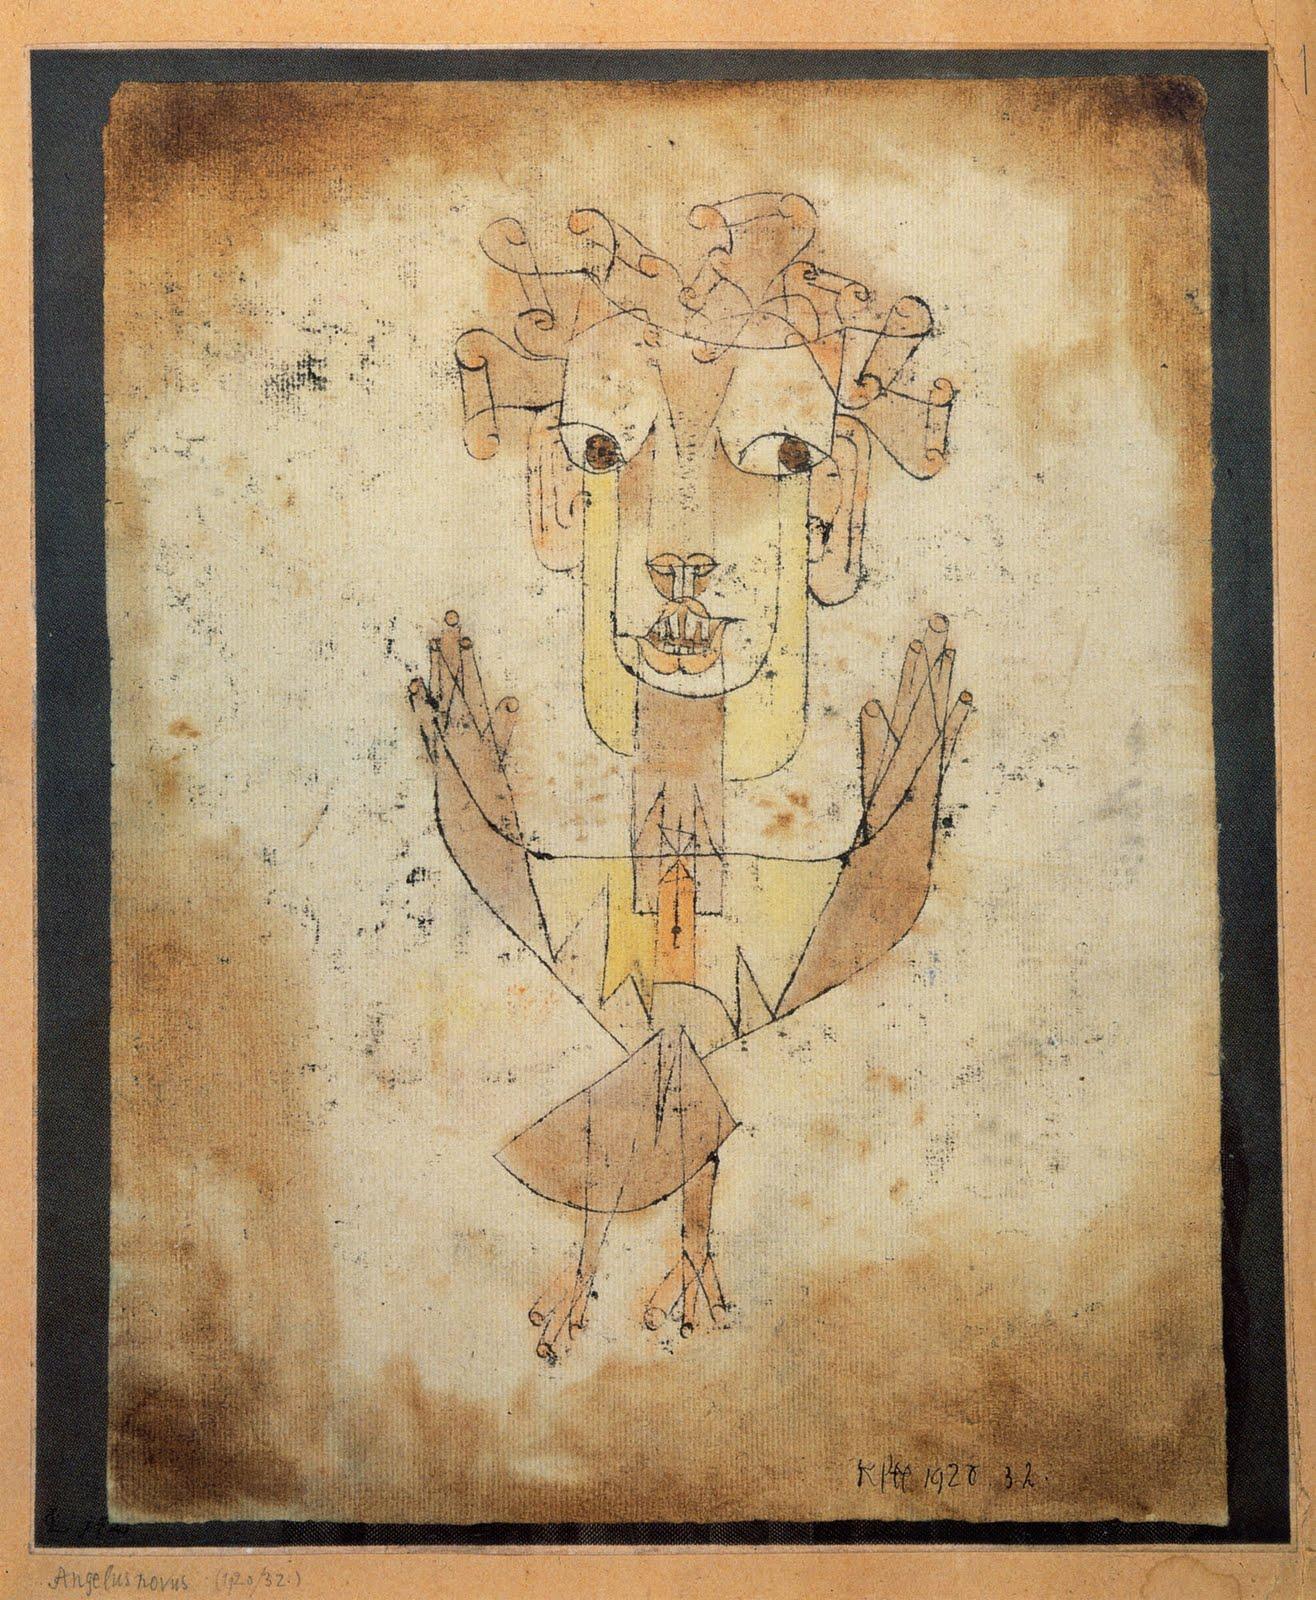 Patagonia outubro 2011 walter benjamin na nona tese de sobre o conceito da histria fala de uma pintura de paul klee um anjo que encara algo fixamente e tem os olhos fandeluxe Choice Image